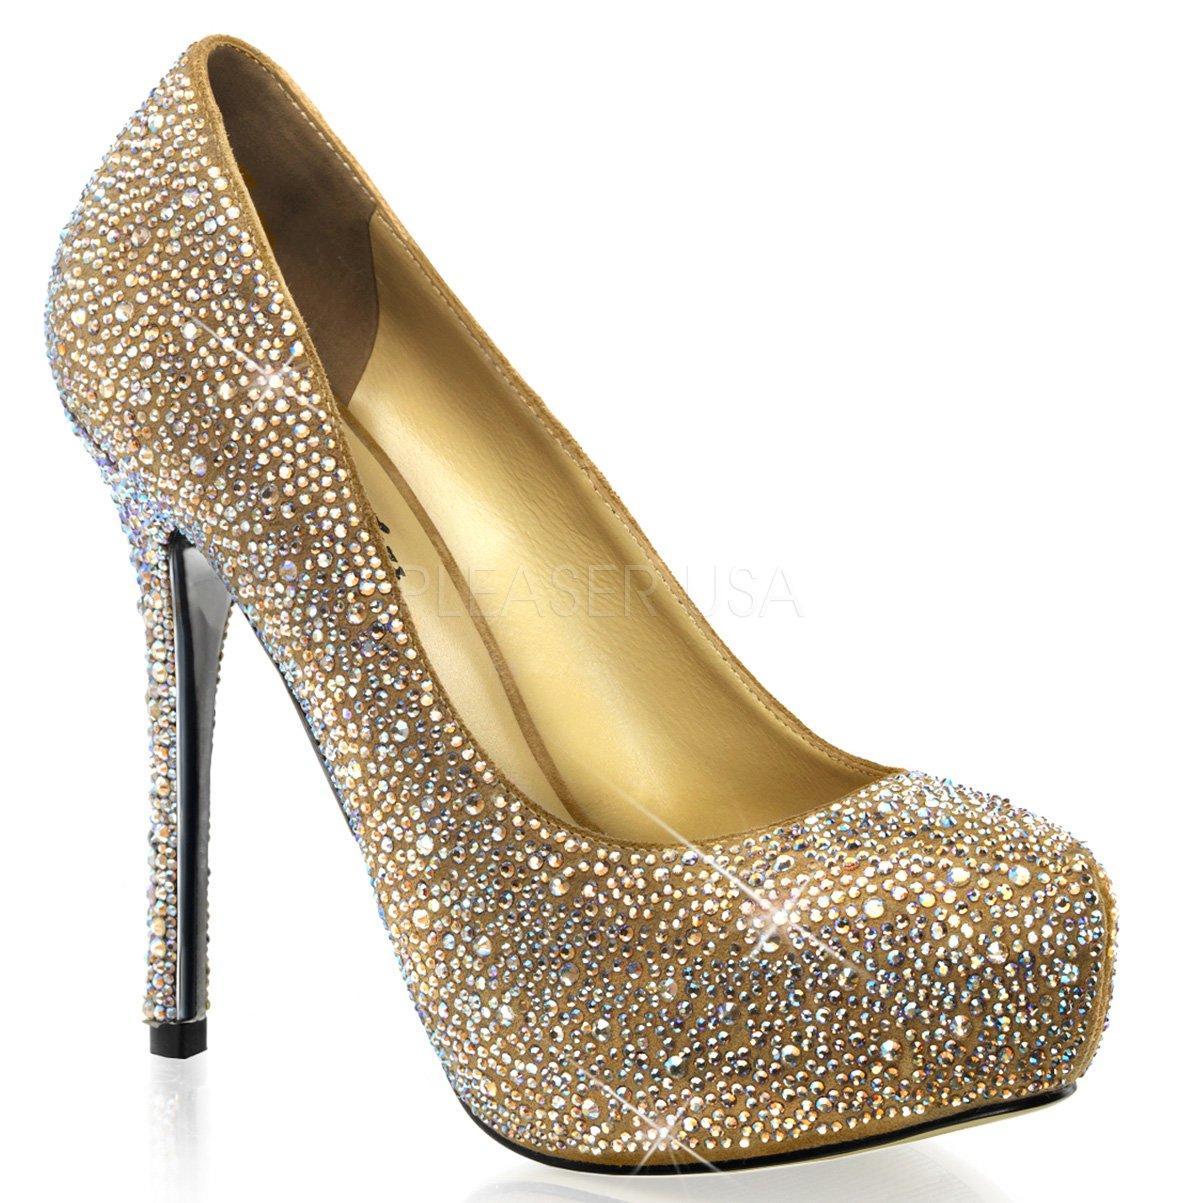 PRESTIGE-20 Luxusní zlaté třpytivé lodičky s kamínky na jehlách ... b39978cd39